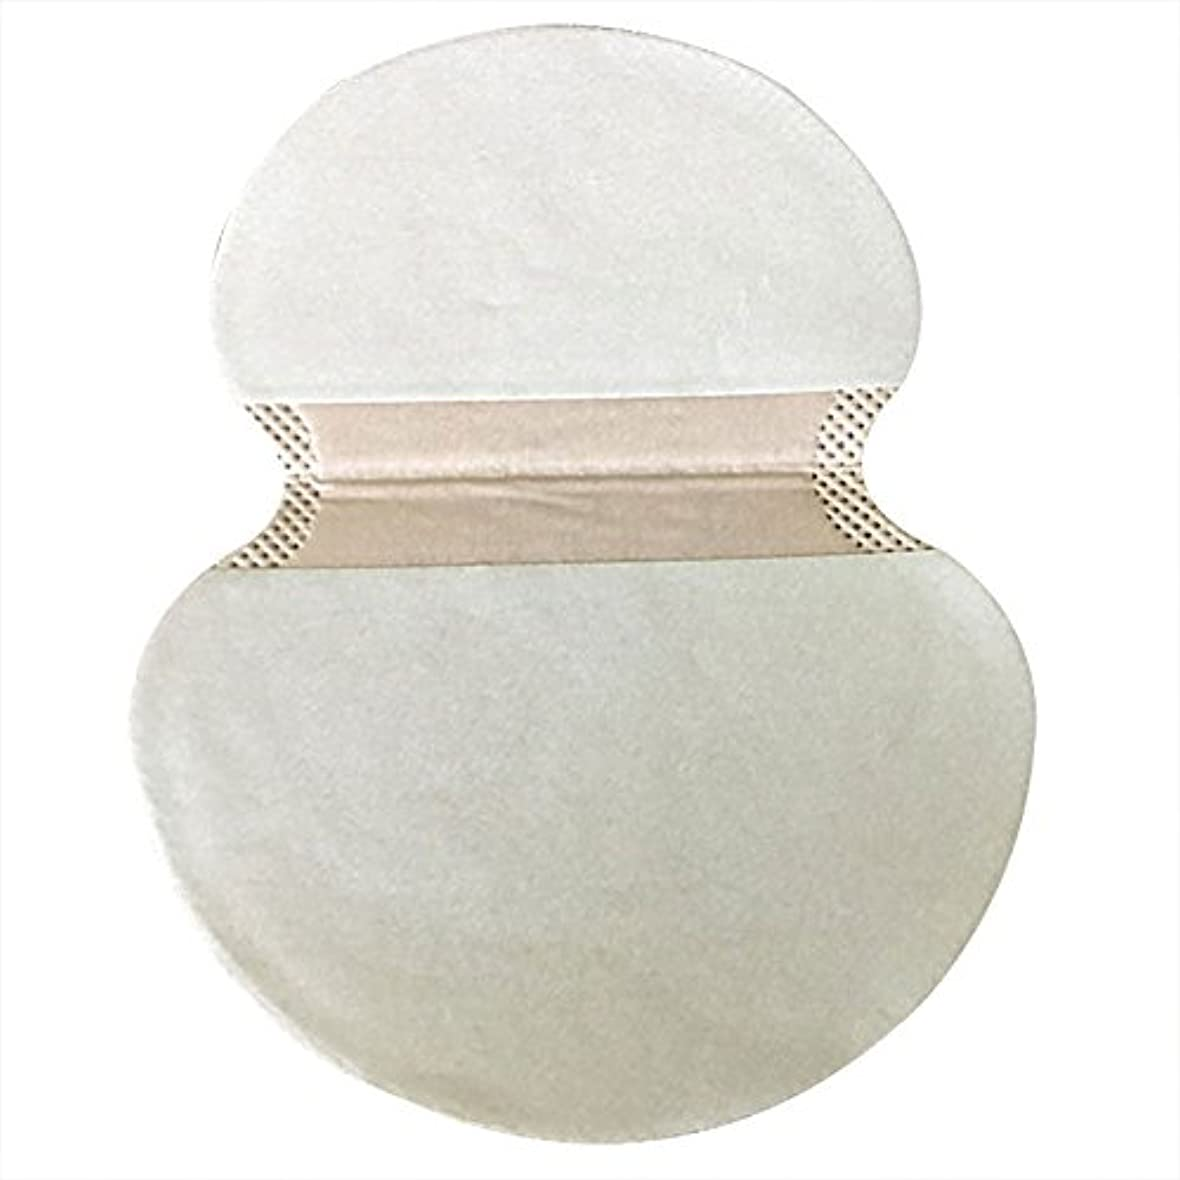 満員刈るベーカリーkiirou 汗取りパッド わき汗パット 10枚セット さらさら あせジミ防止 防臭シート 無香料 メンズ レディース 大きめ